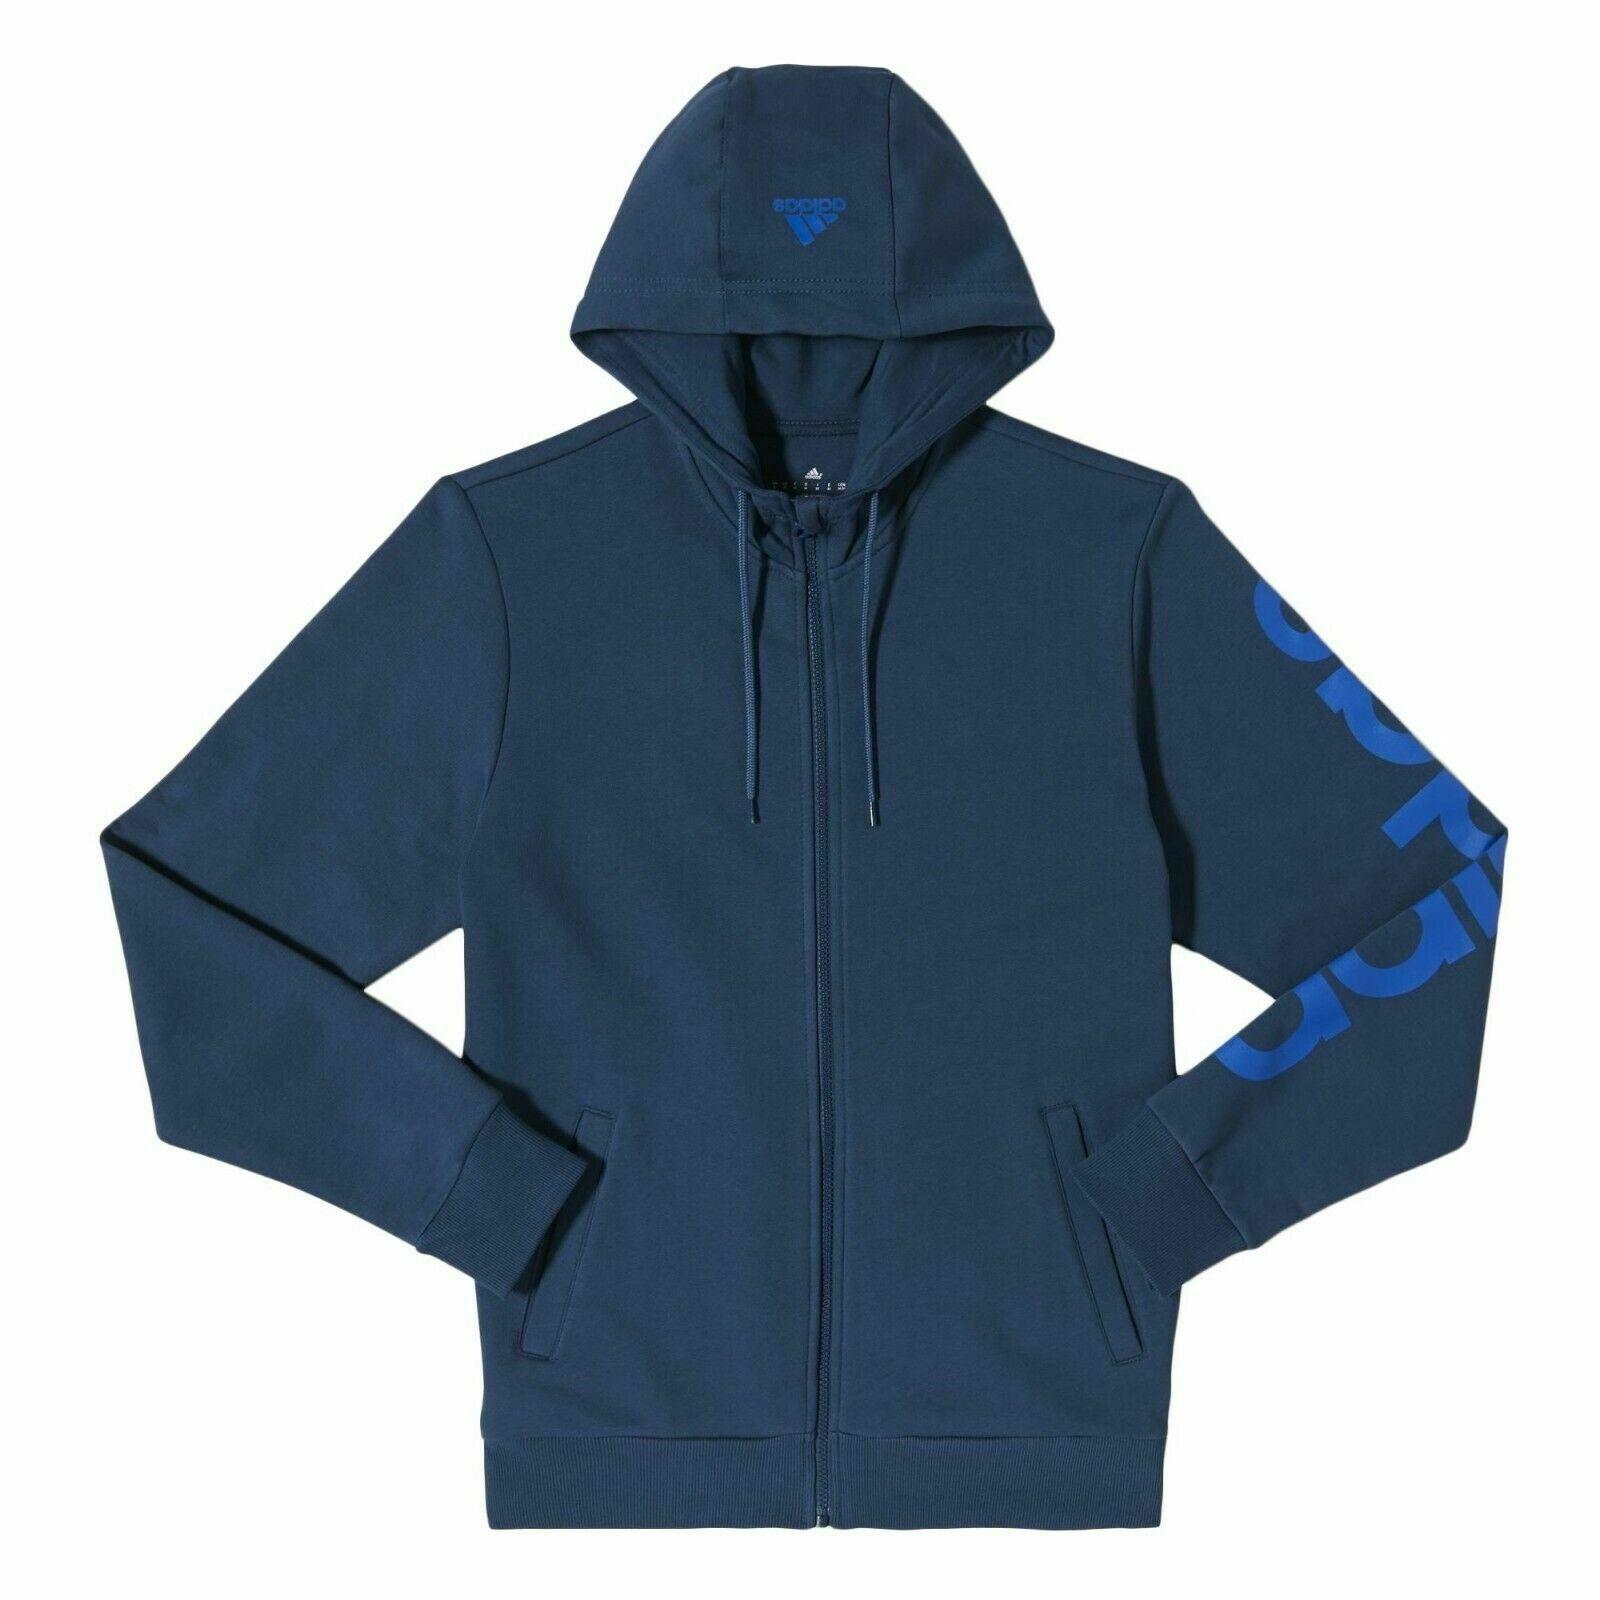 Détails sur Adidas Essentials Linear Men's Sweat à Capuche Bleu Marine Pull Zip Complet Chaud Fitness afficher le titre d'origine